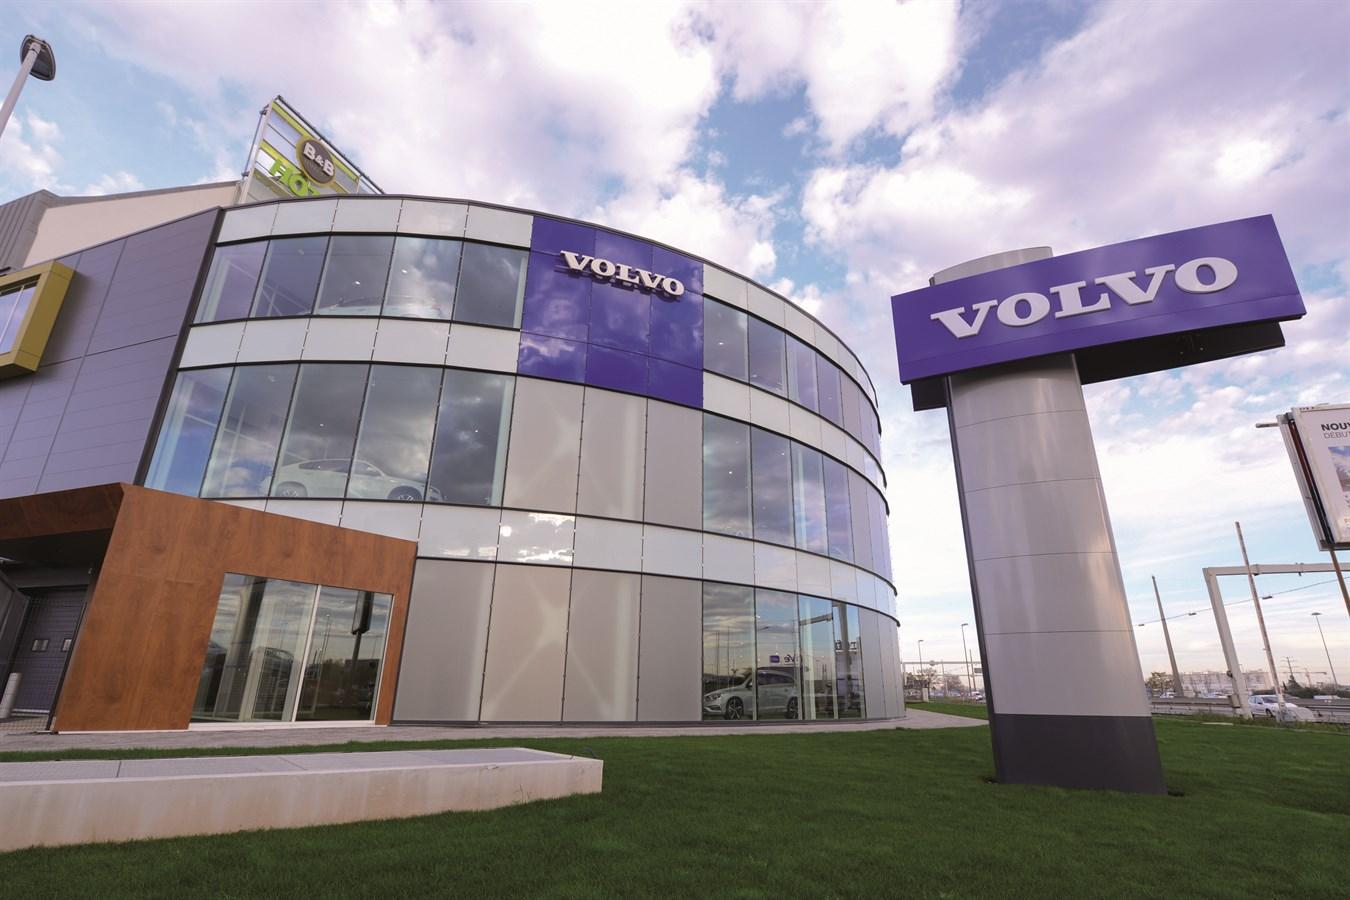 INAUGURATION D'UNE NOUVELLE CONCESSION VOLVO AUX NORMES VRE (VOLVO RETAIL EXPERIENCE) : FELIX FAURE AUTOMOBILES À LYON VÉNISSIEUX